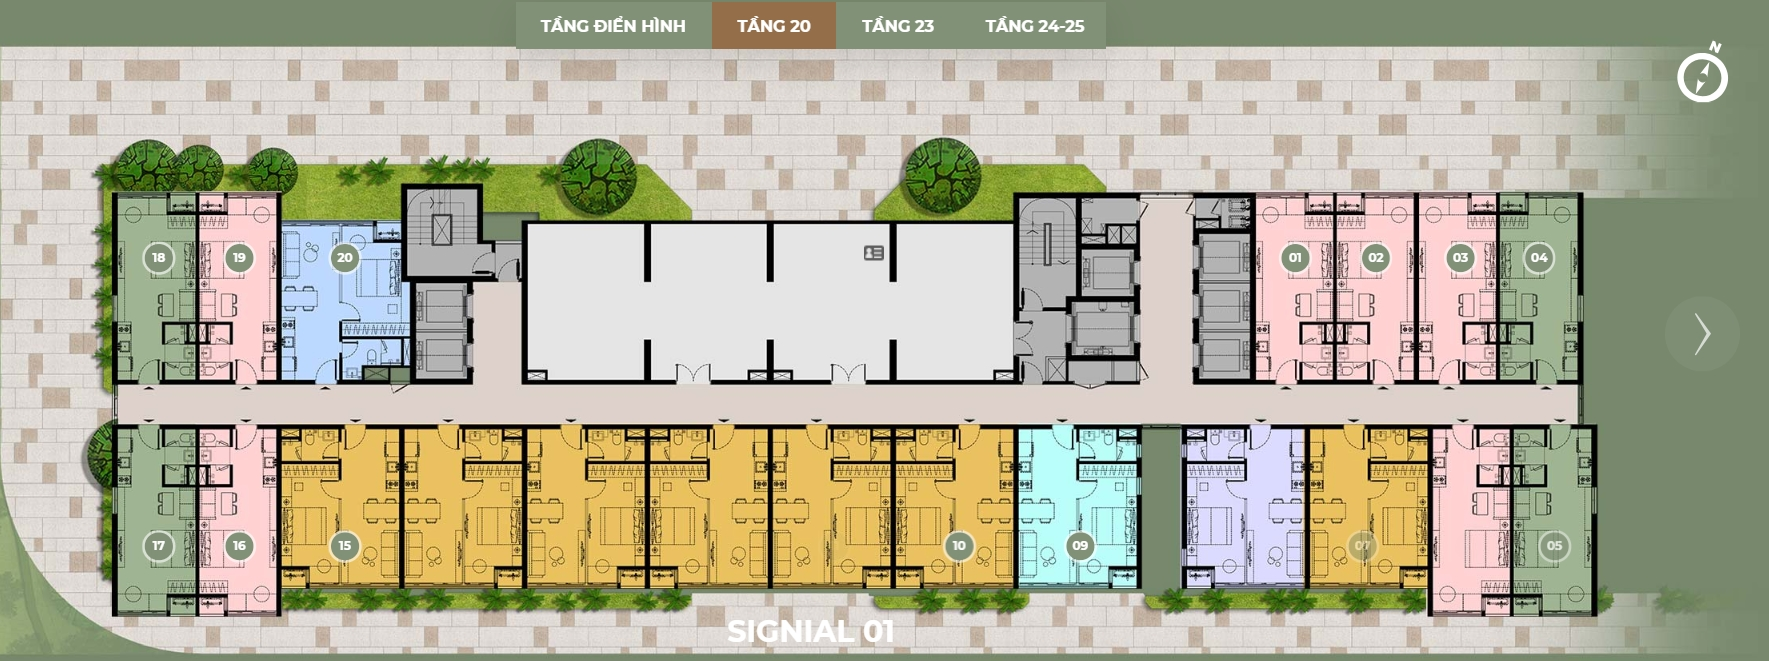 Mặt bằng thiết kế dự án căn hộ Signial quận 7